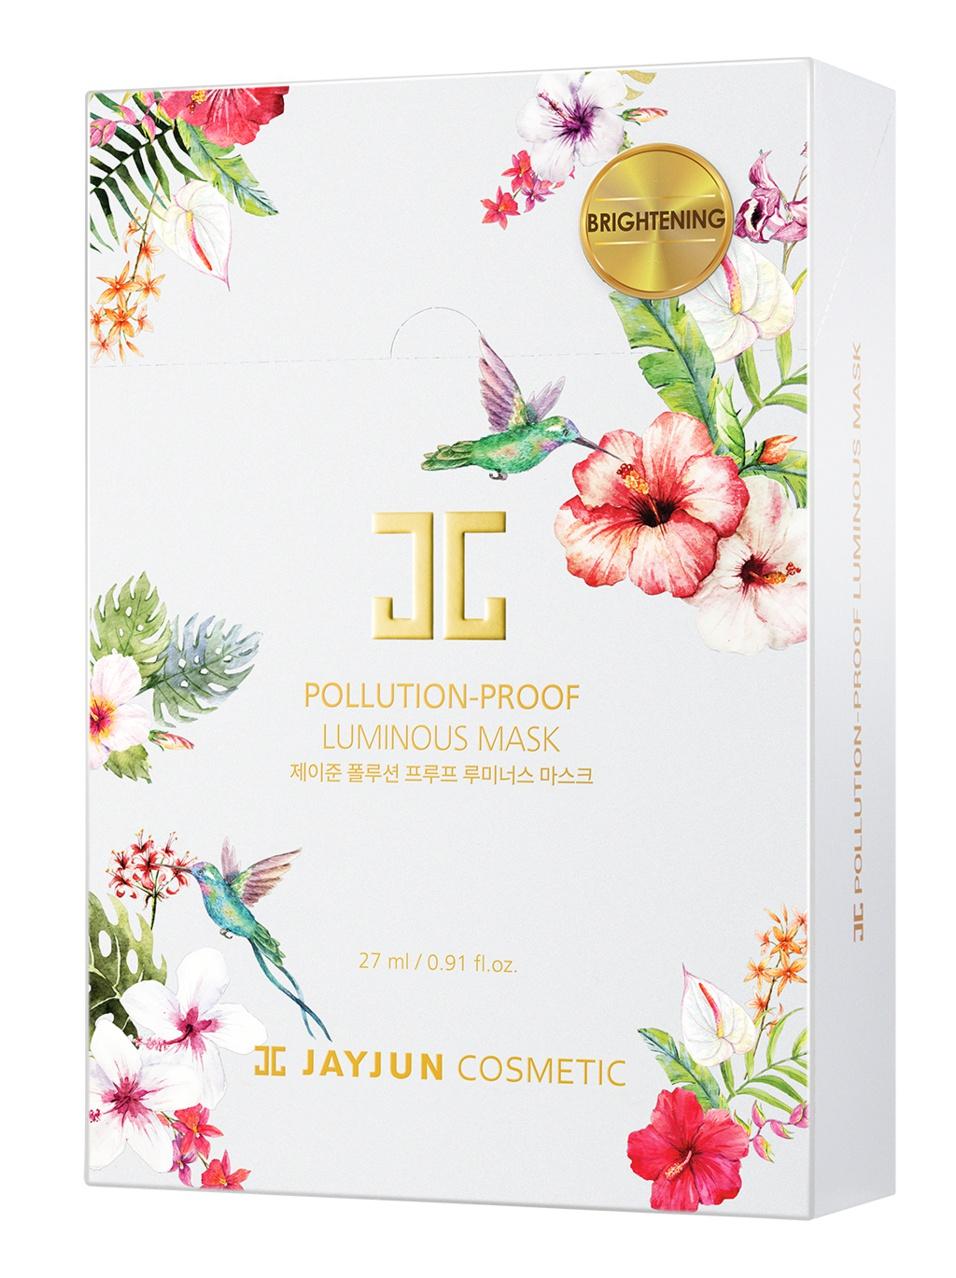 JAYJUN Pollution-Proof Luminous Mask Pack